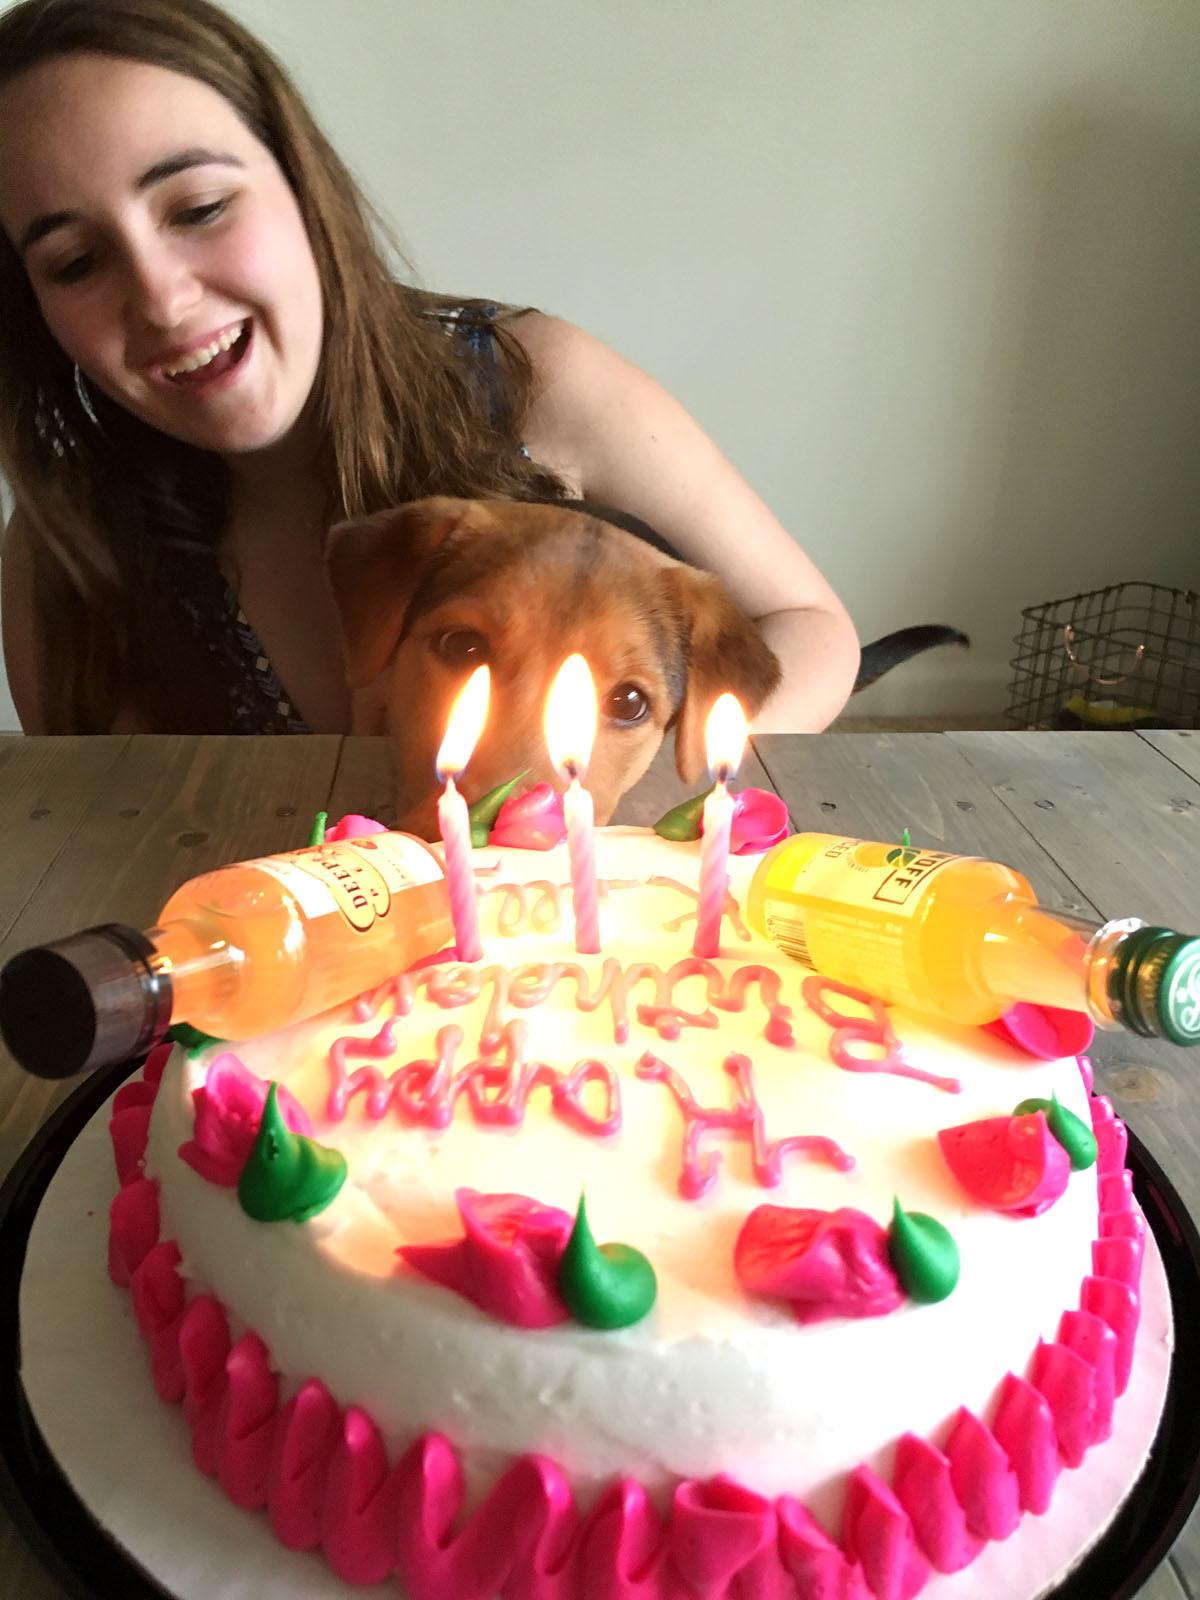 21st birthday cake with little liquor bottles